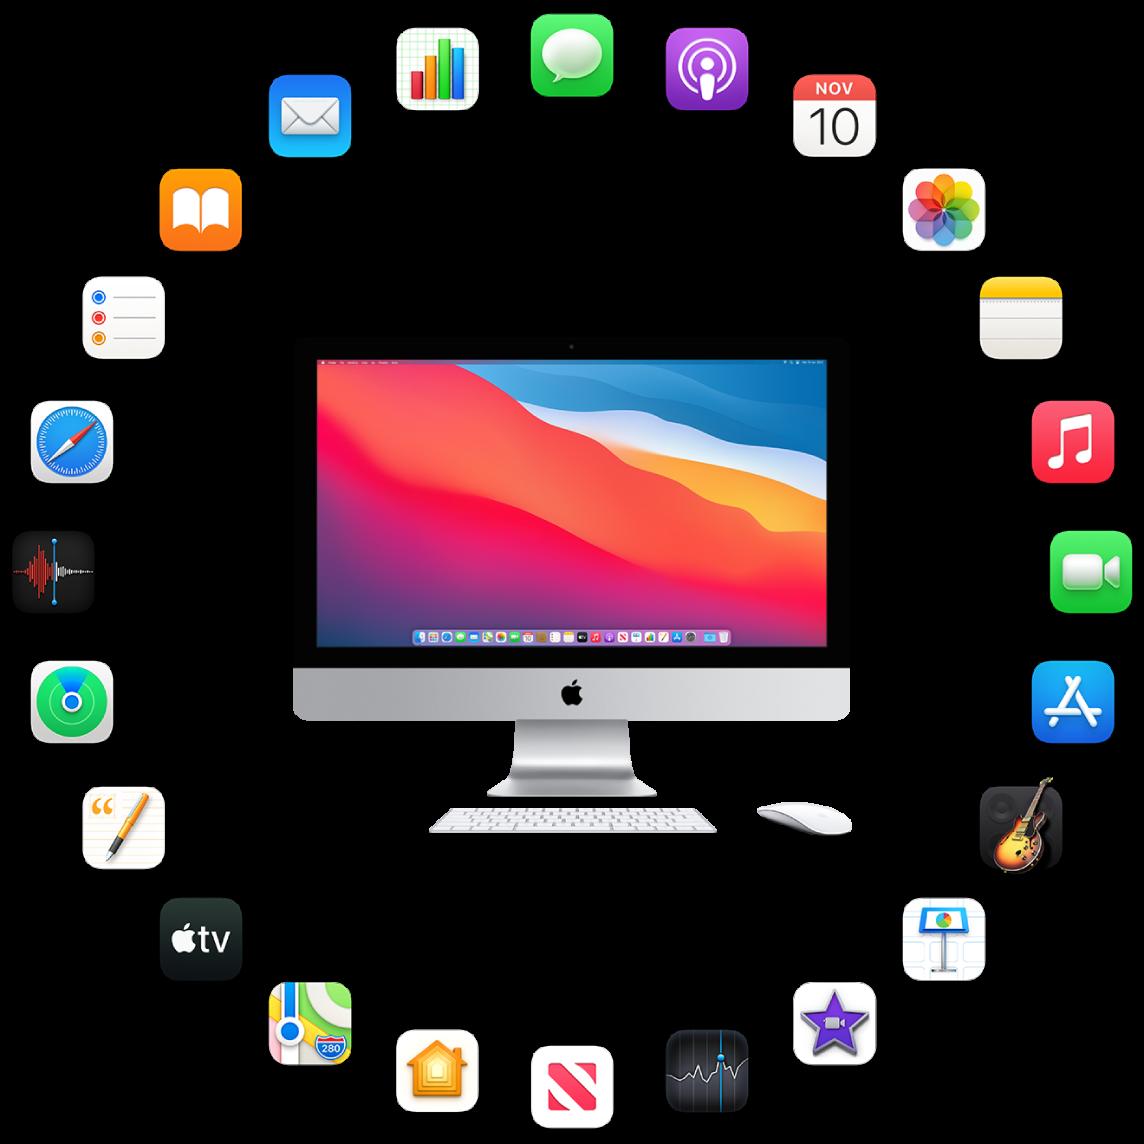 iMac circondato dalle icone delle app integrate, descritte nelle sezioni successive.